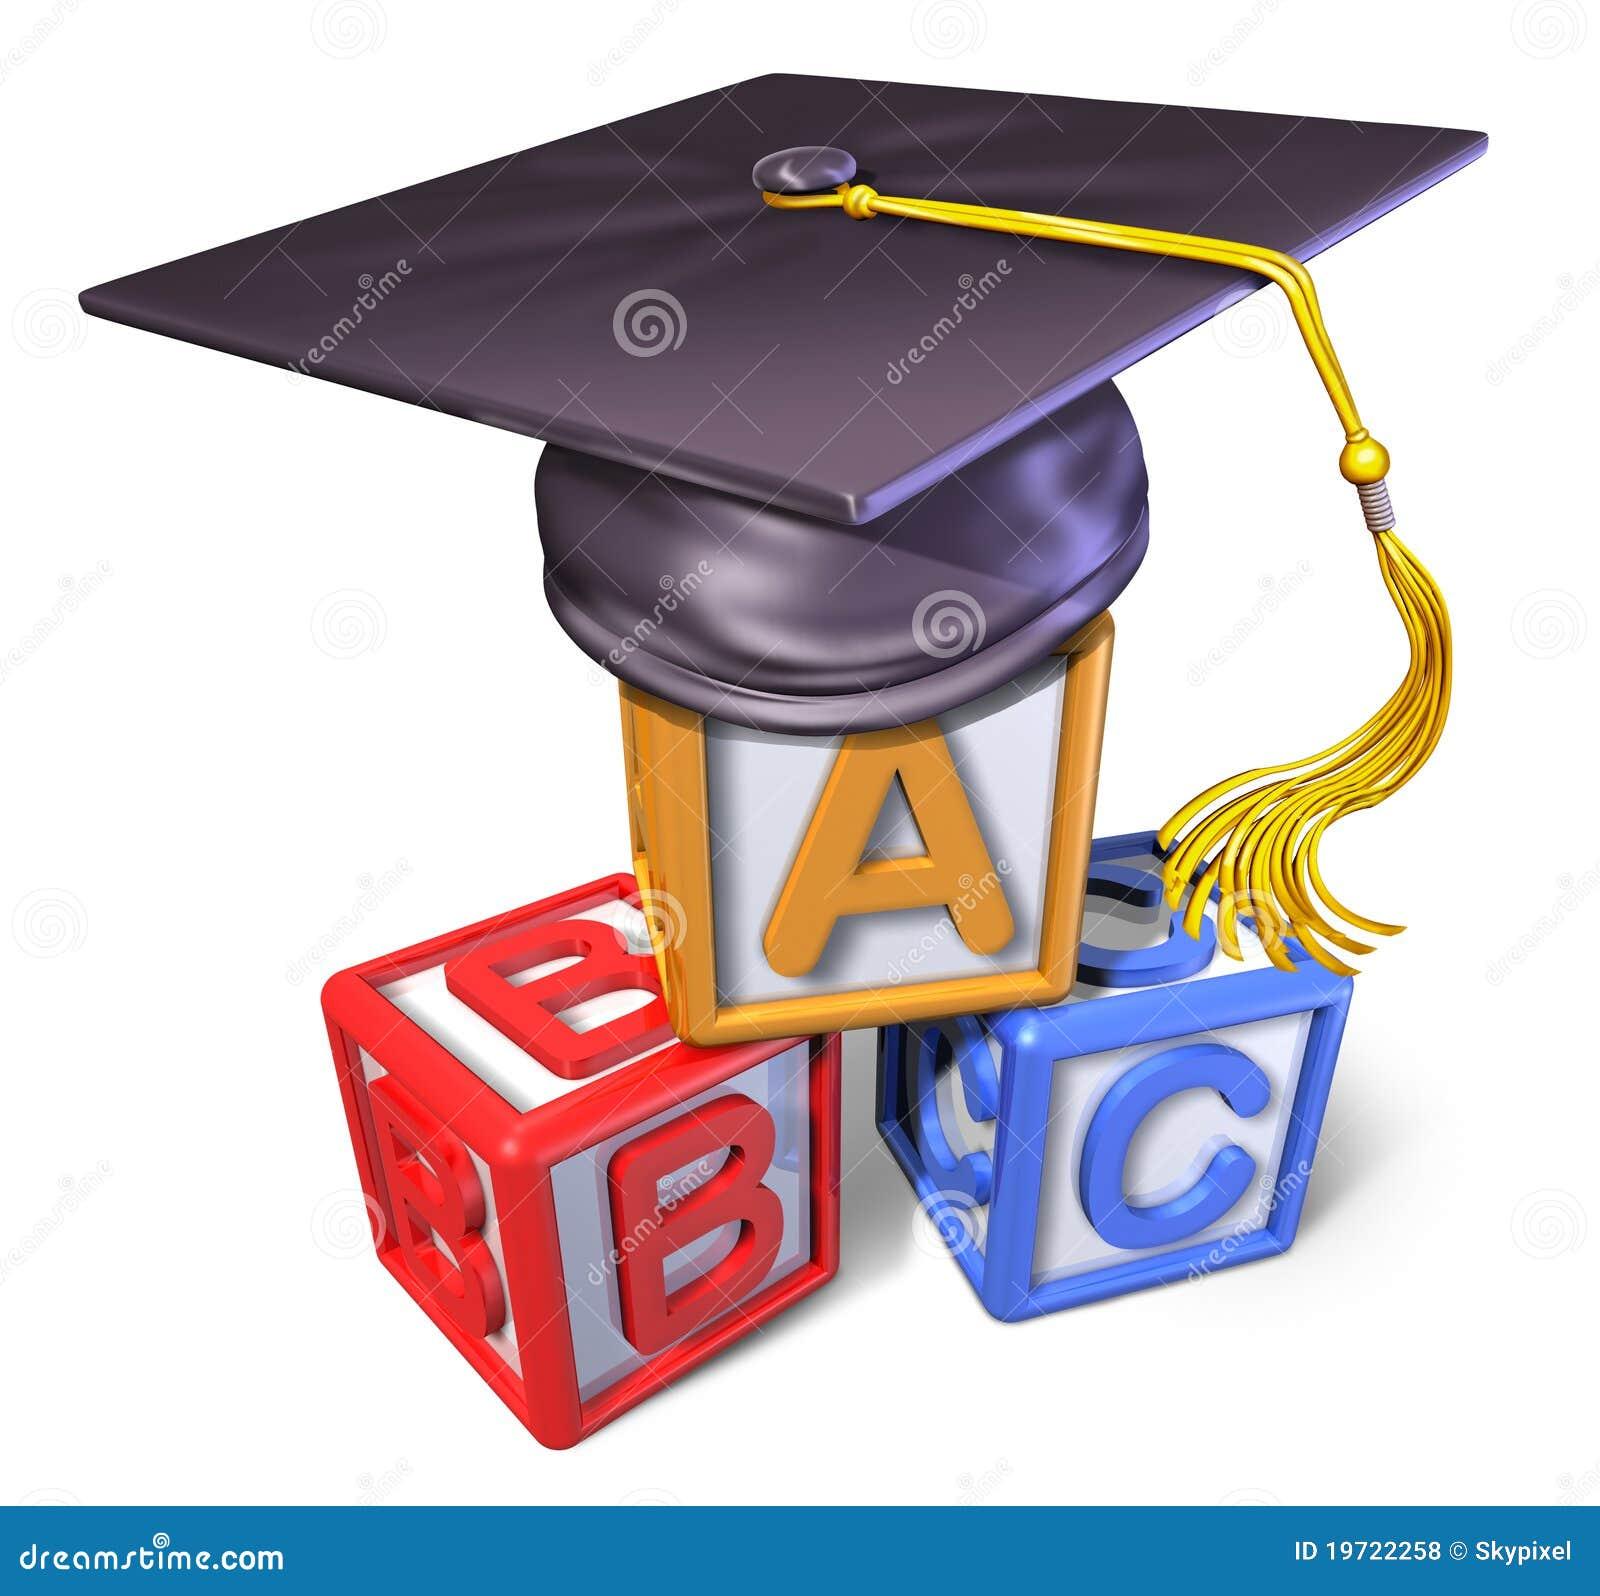 Preschool-Graduation-Caps